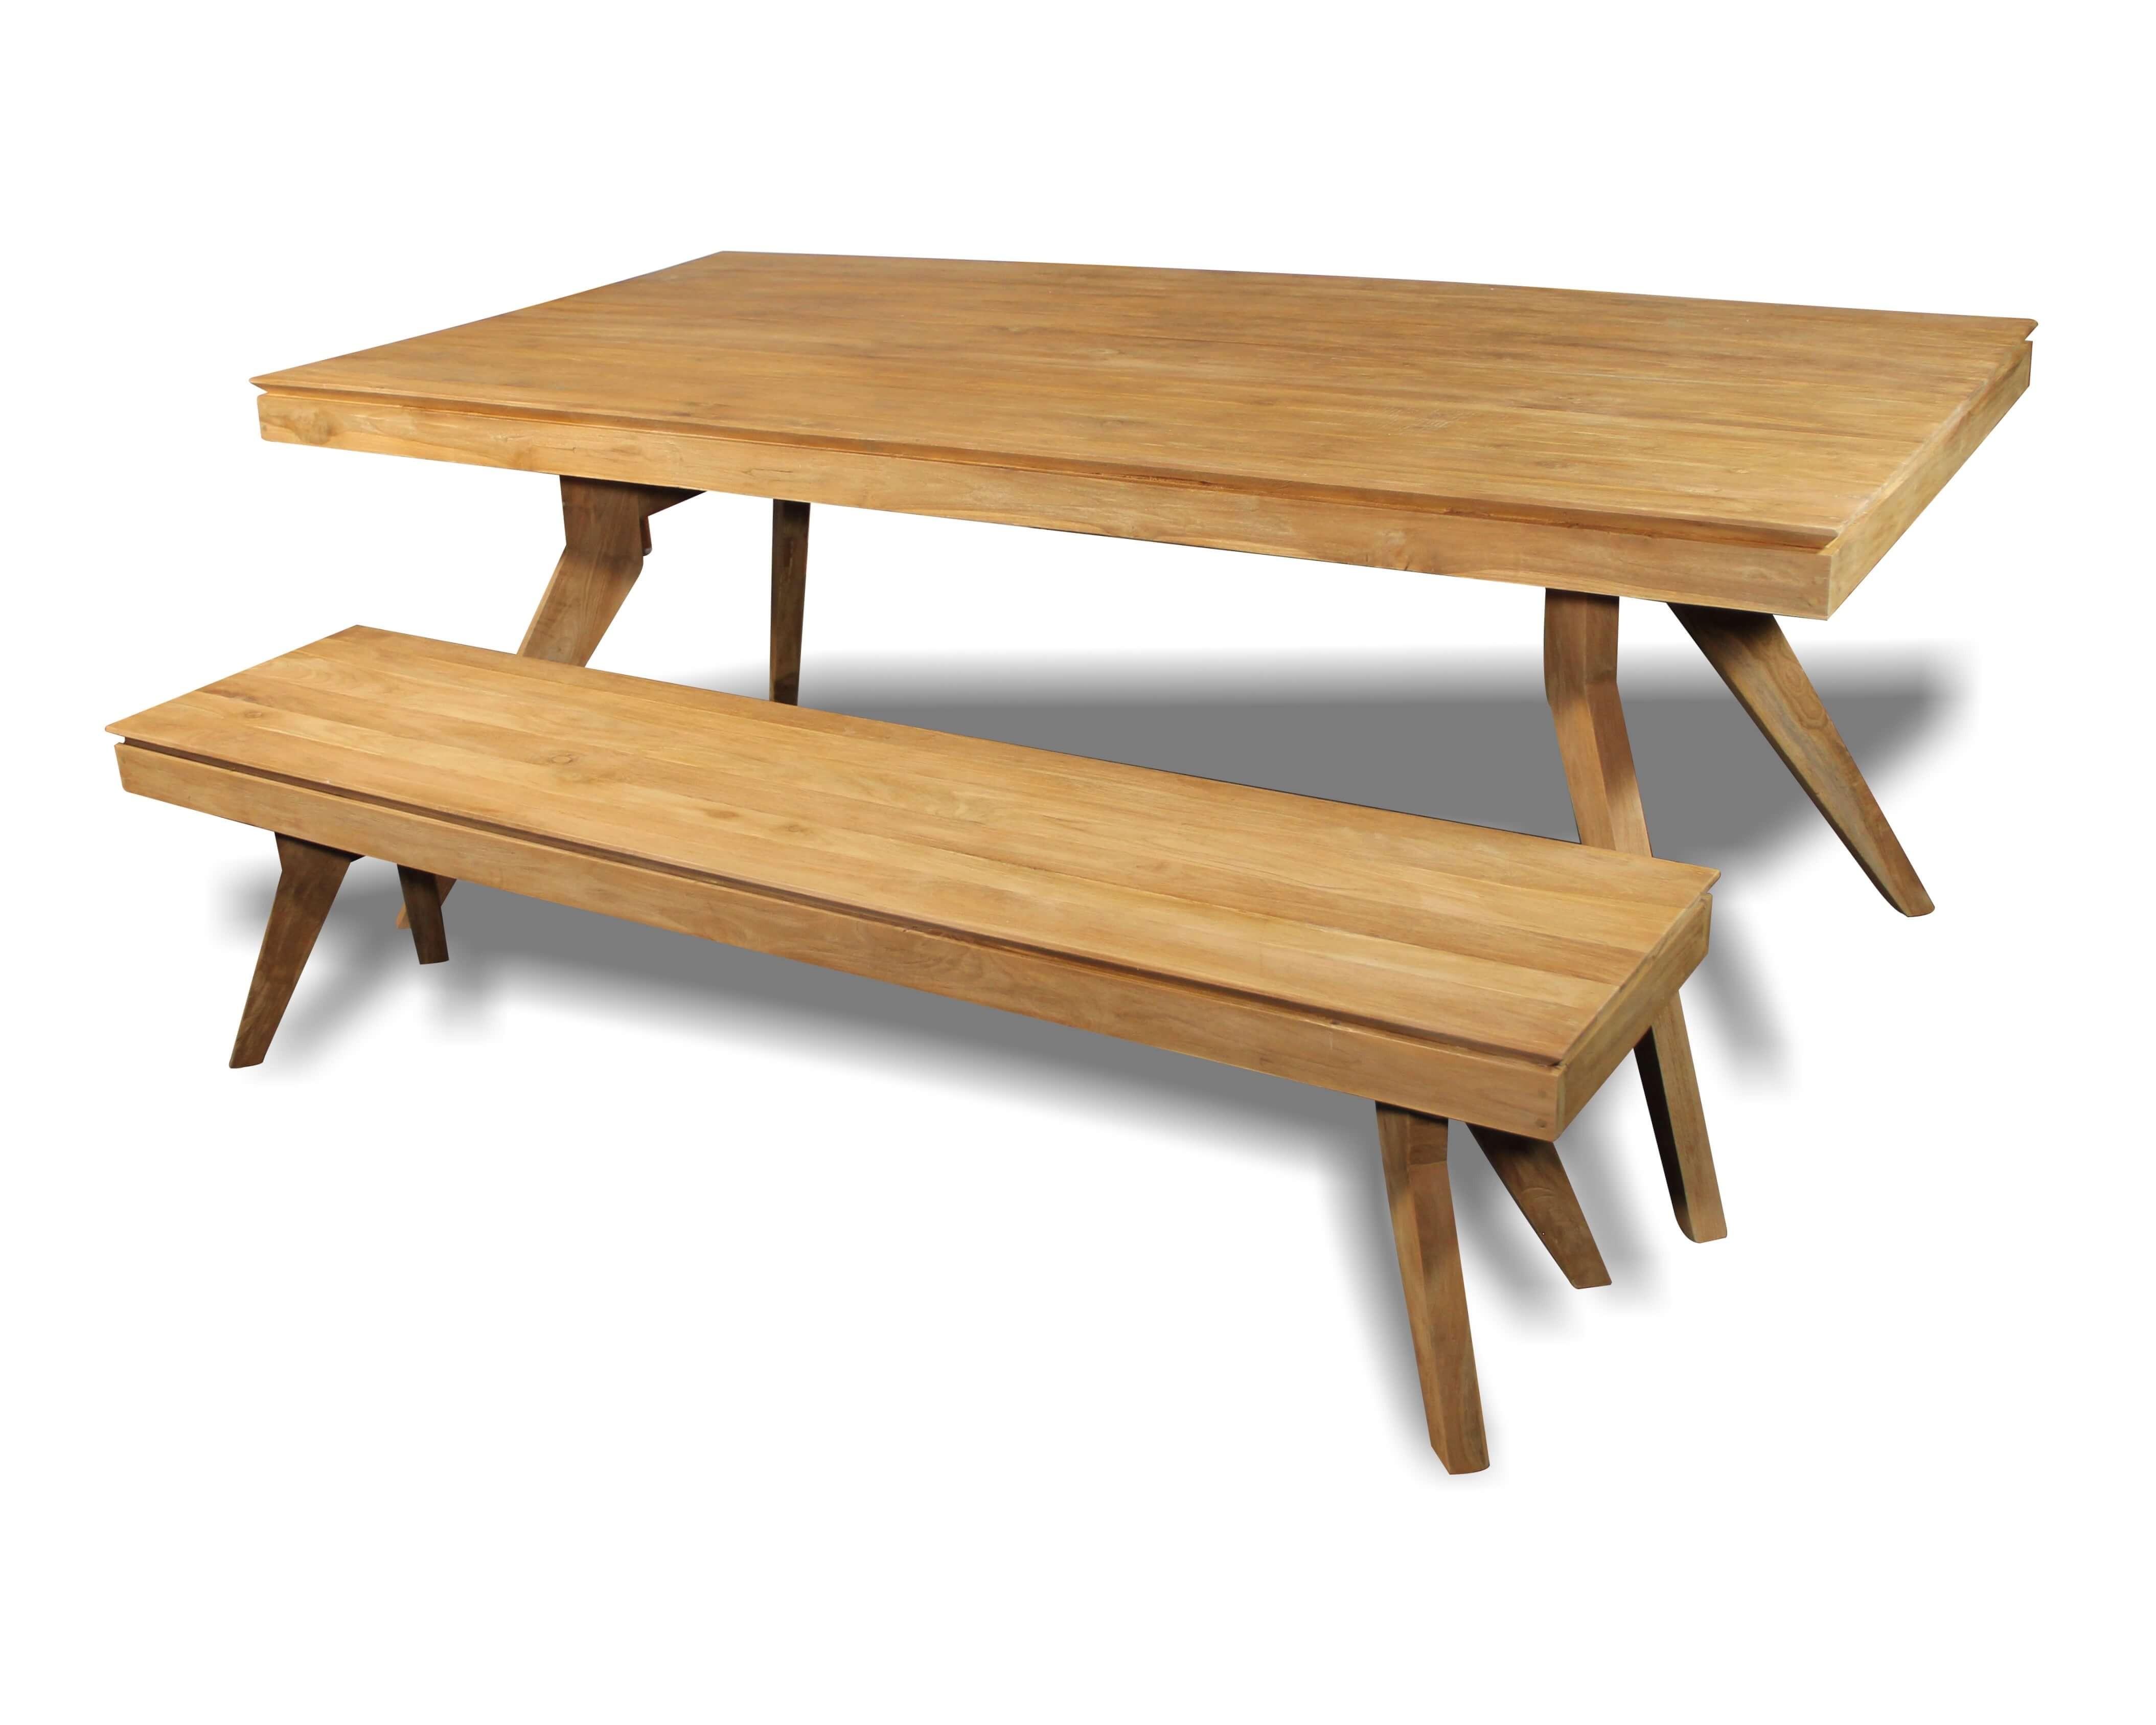 à manger recyclé de patiné en teck et massif bois Table verni l1KJFTc